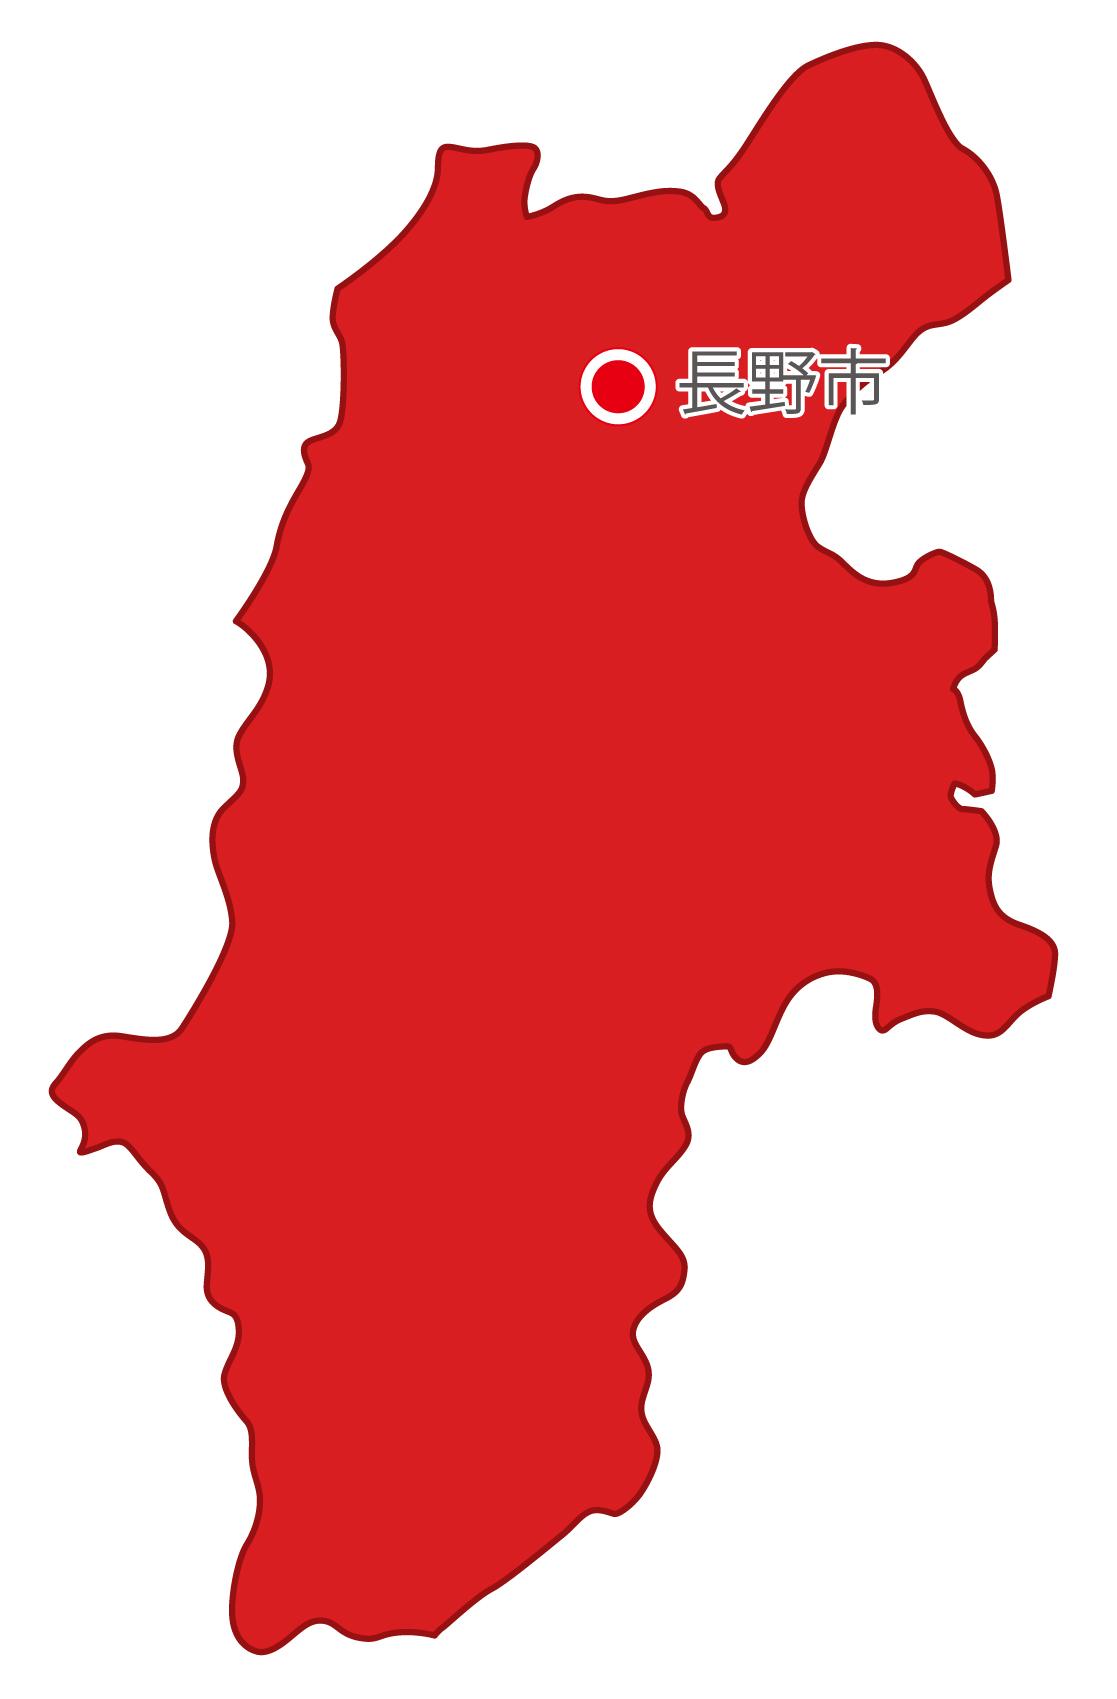 長野県無料フリーイラスト|日本語・県庁所在地あり(赤)